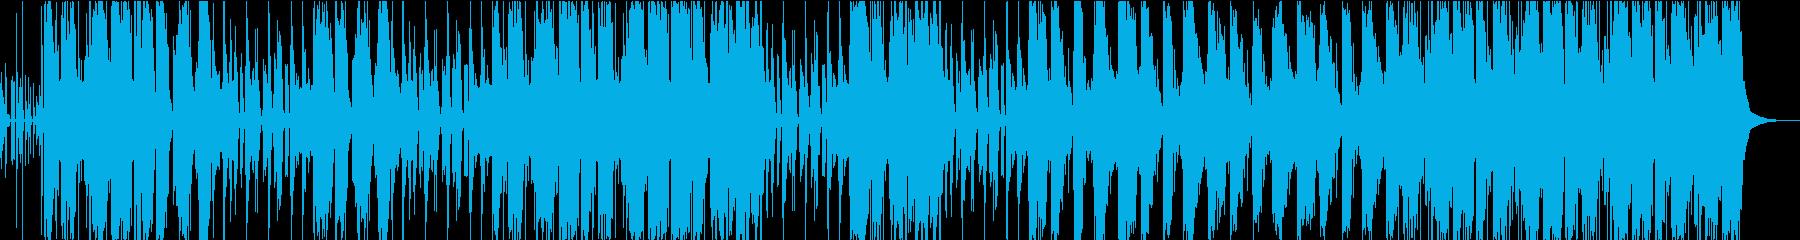 重低音なHIPーHOPサウンドの再生済みの波形